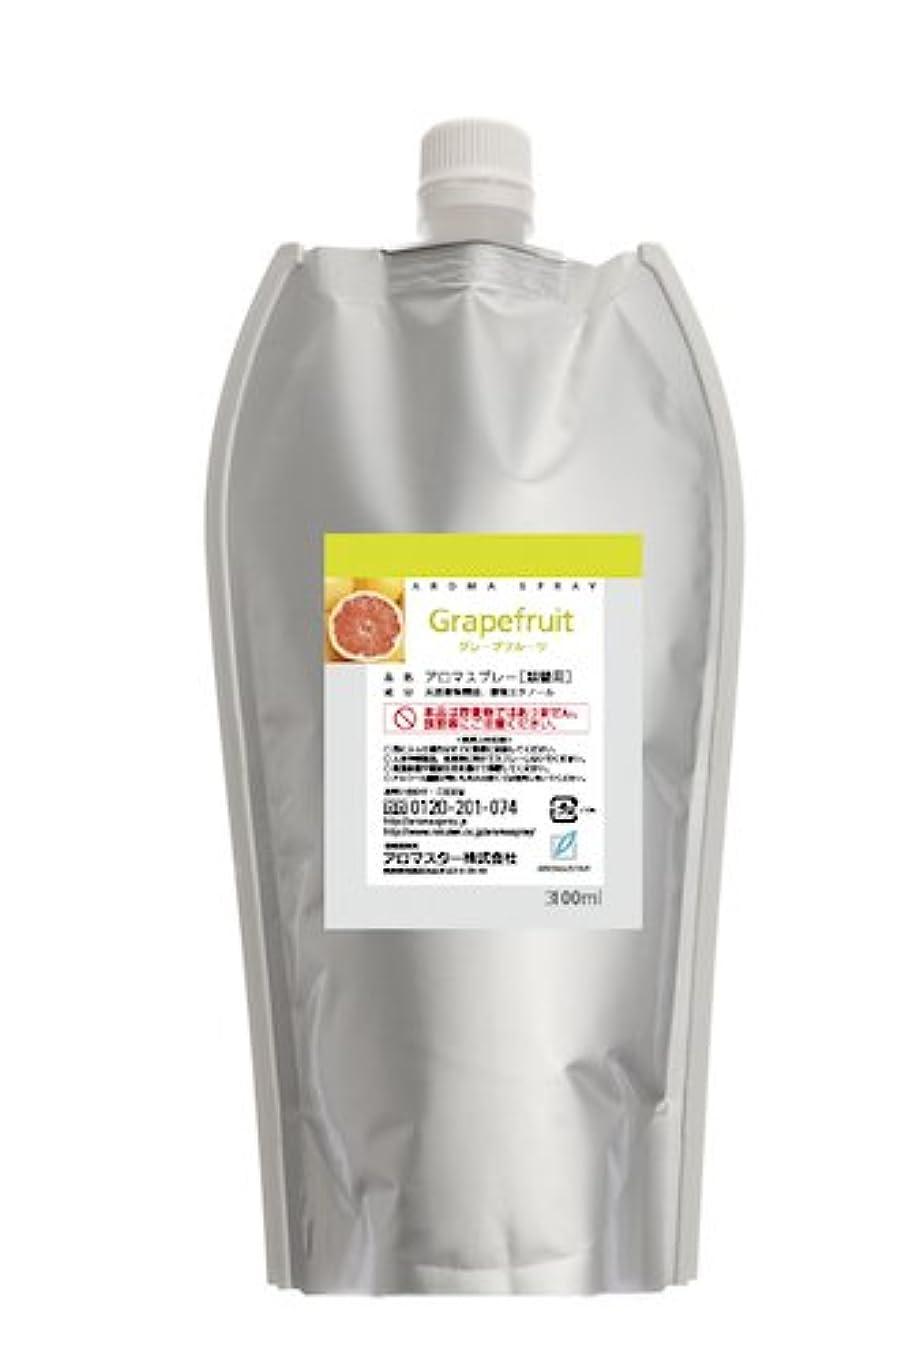 誤解を招く付ける束AROMASTAR(アロマスター) アロマスプレー グレープフルーツ 300ml詰替用(エコパック)